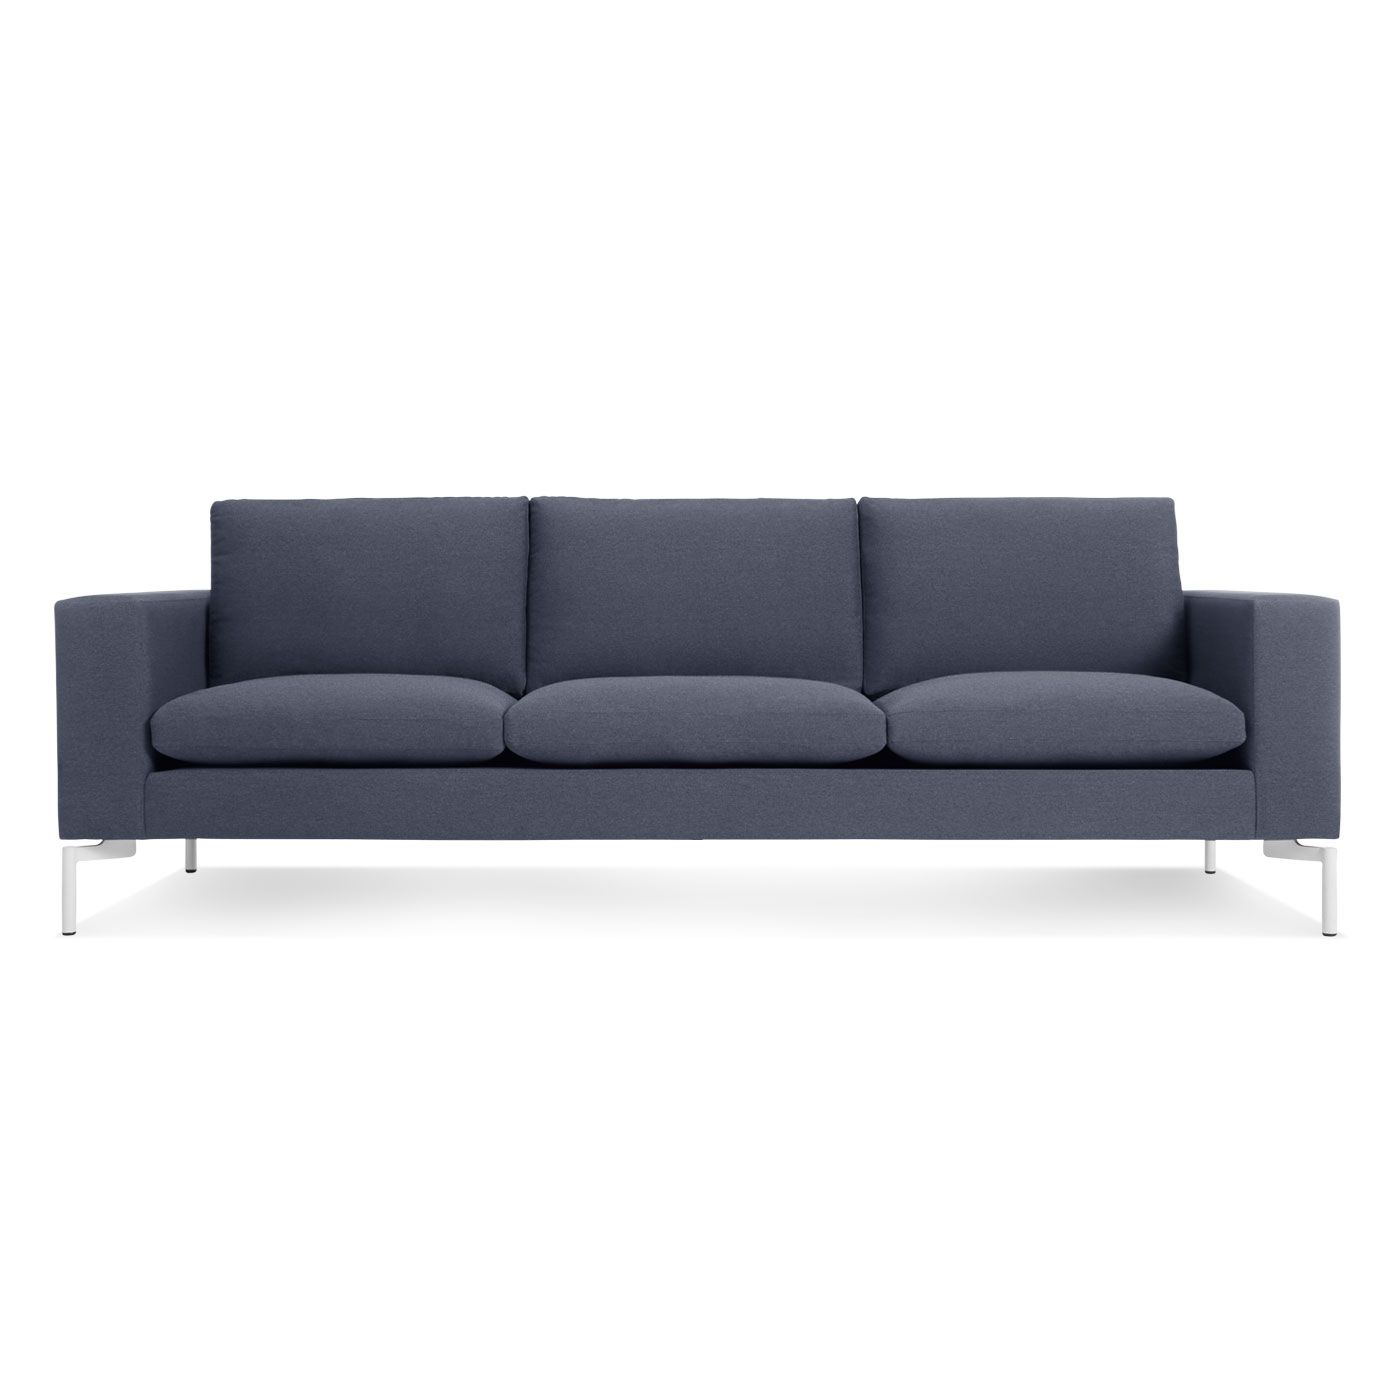 The New Standard 92 Sofa Nixon Blue White In 2020 Modern Sofa Modern Leather Sofa Sofa